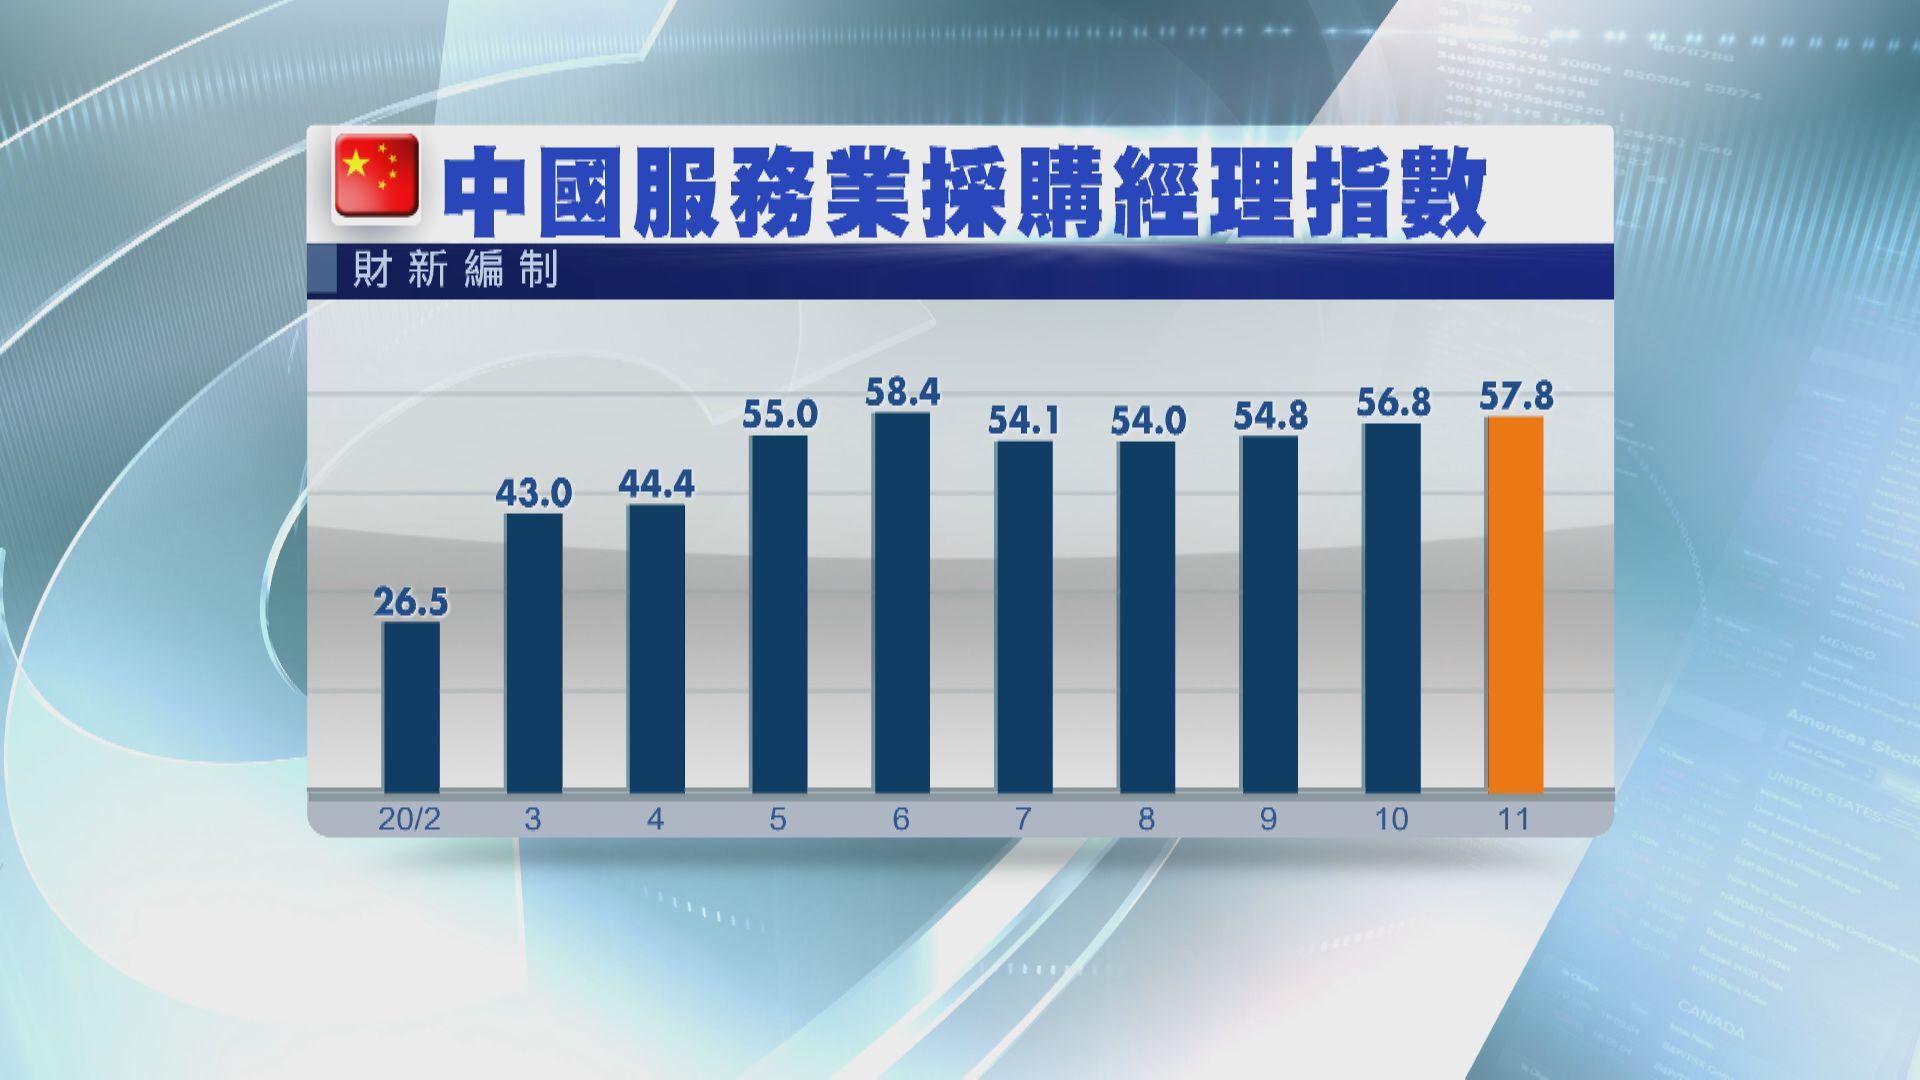 中國財新服務業採購經理指數連續七個月擴張